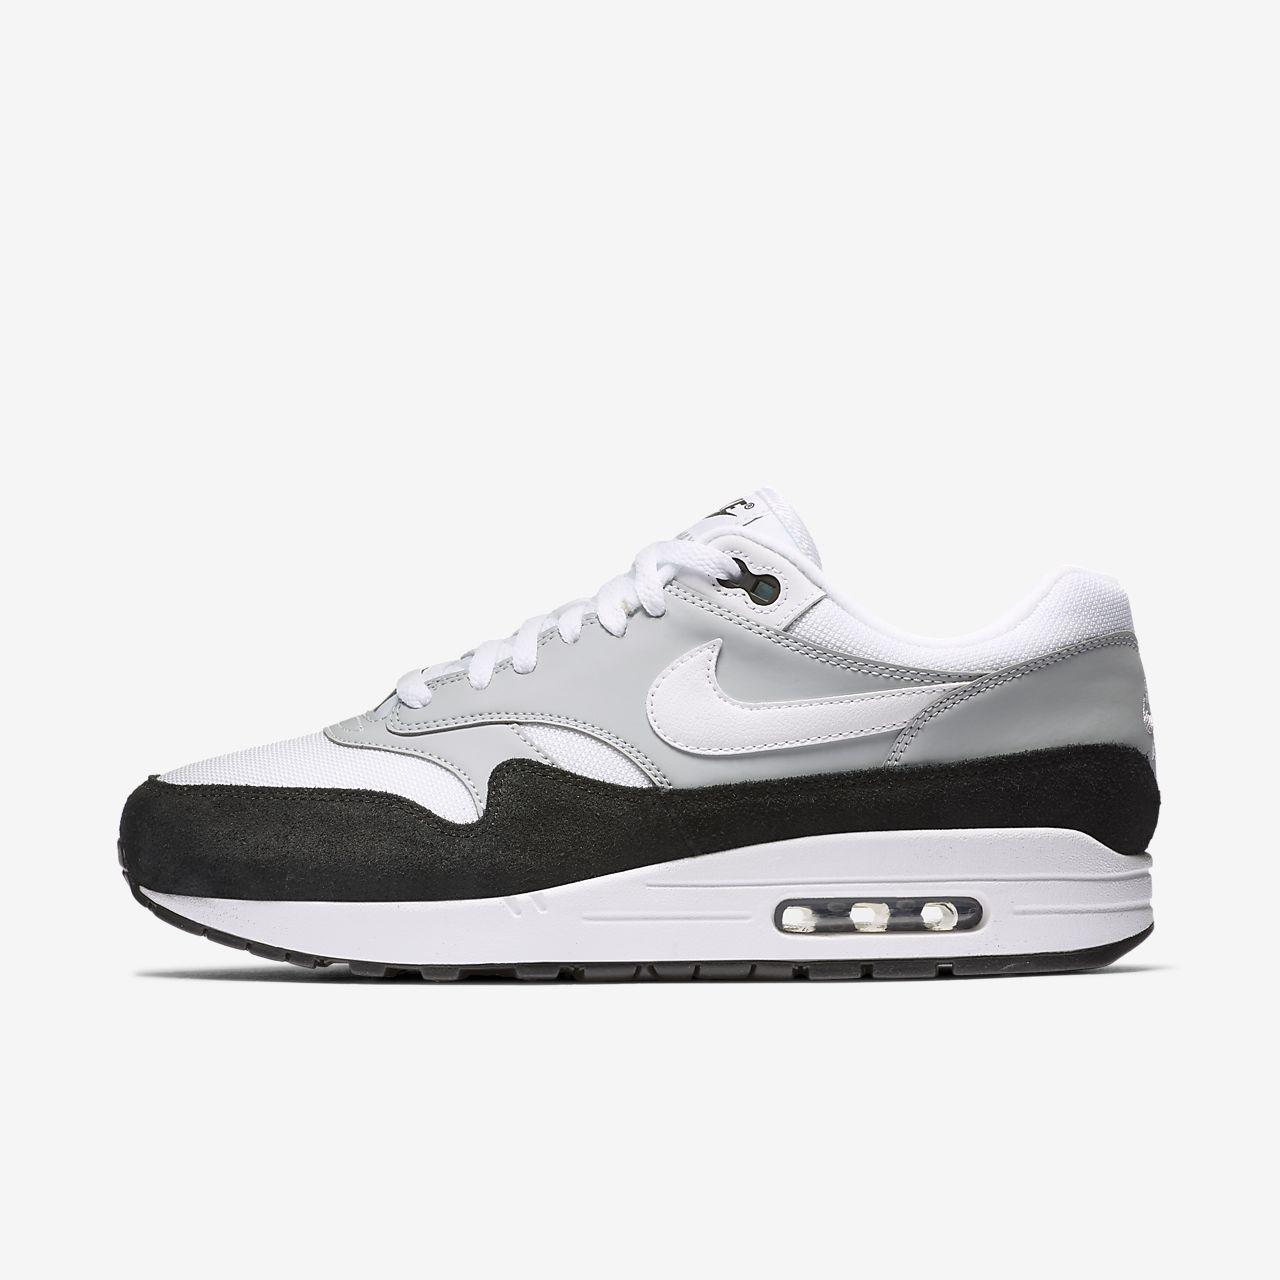 198cc25602c ... black cool grey 774ab 0a8f6  discount code for nike air max 1 mens shoe  125fd ff4b6